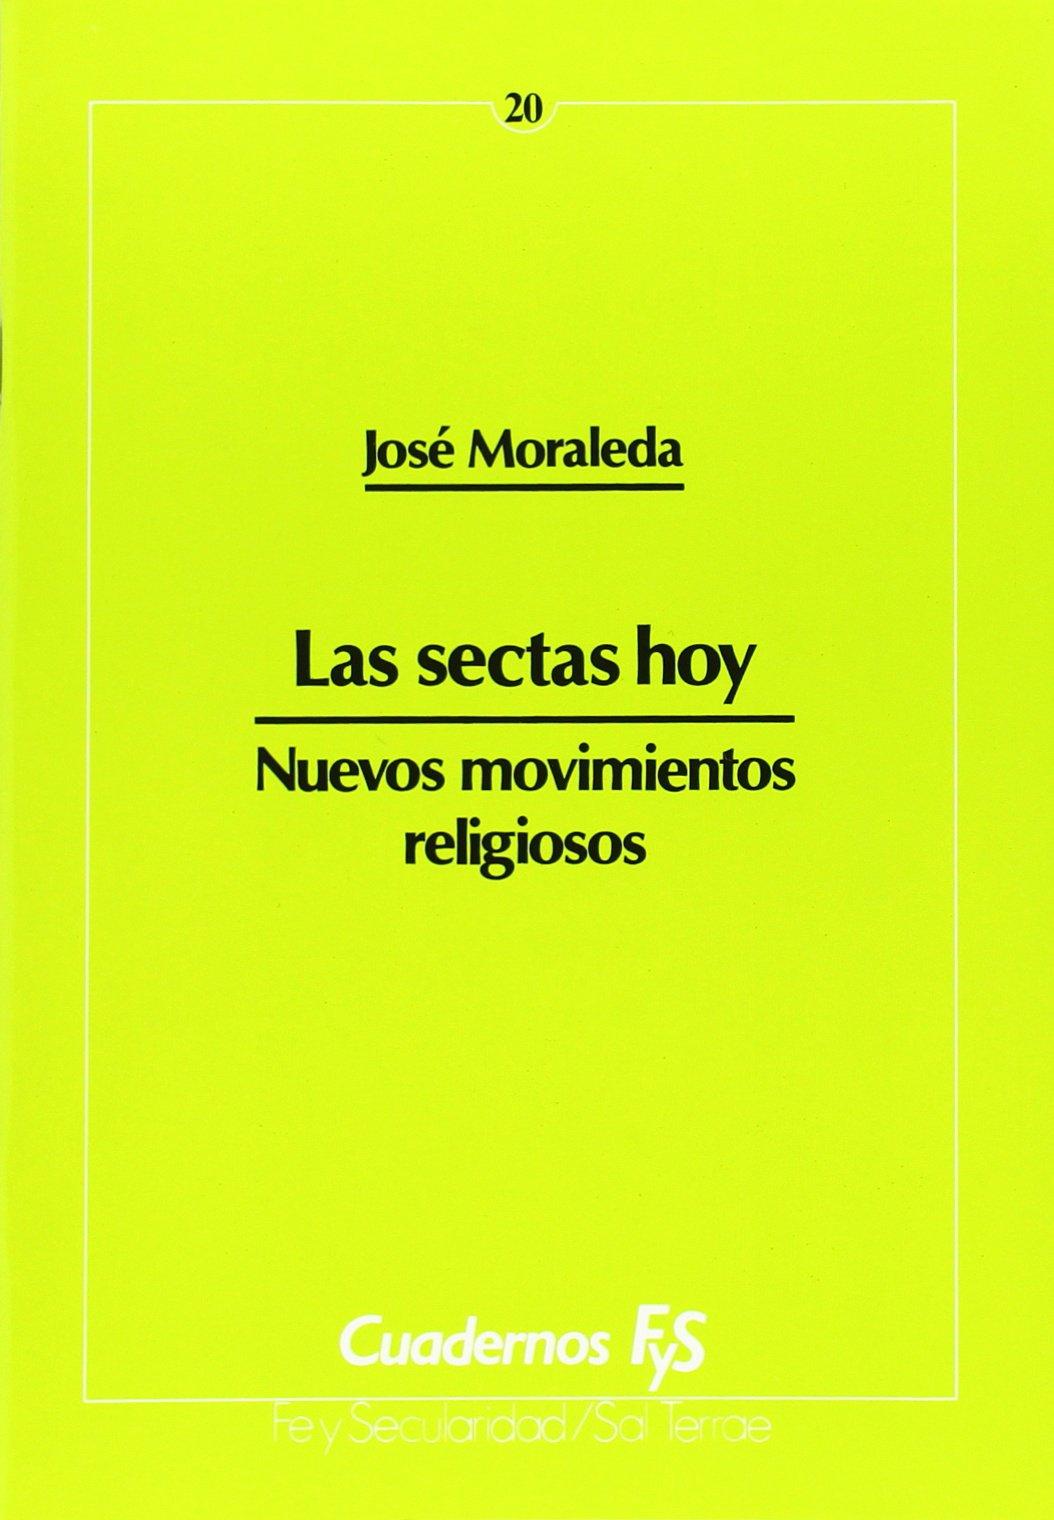 Sectas hoy, Las: Nuevos movimientos religiosos Cuadernos FyS ...